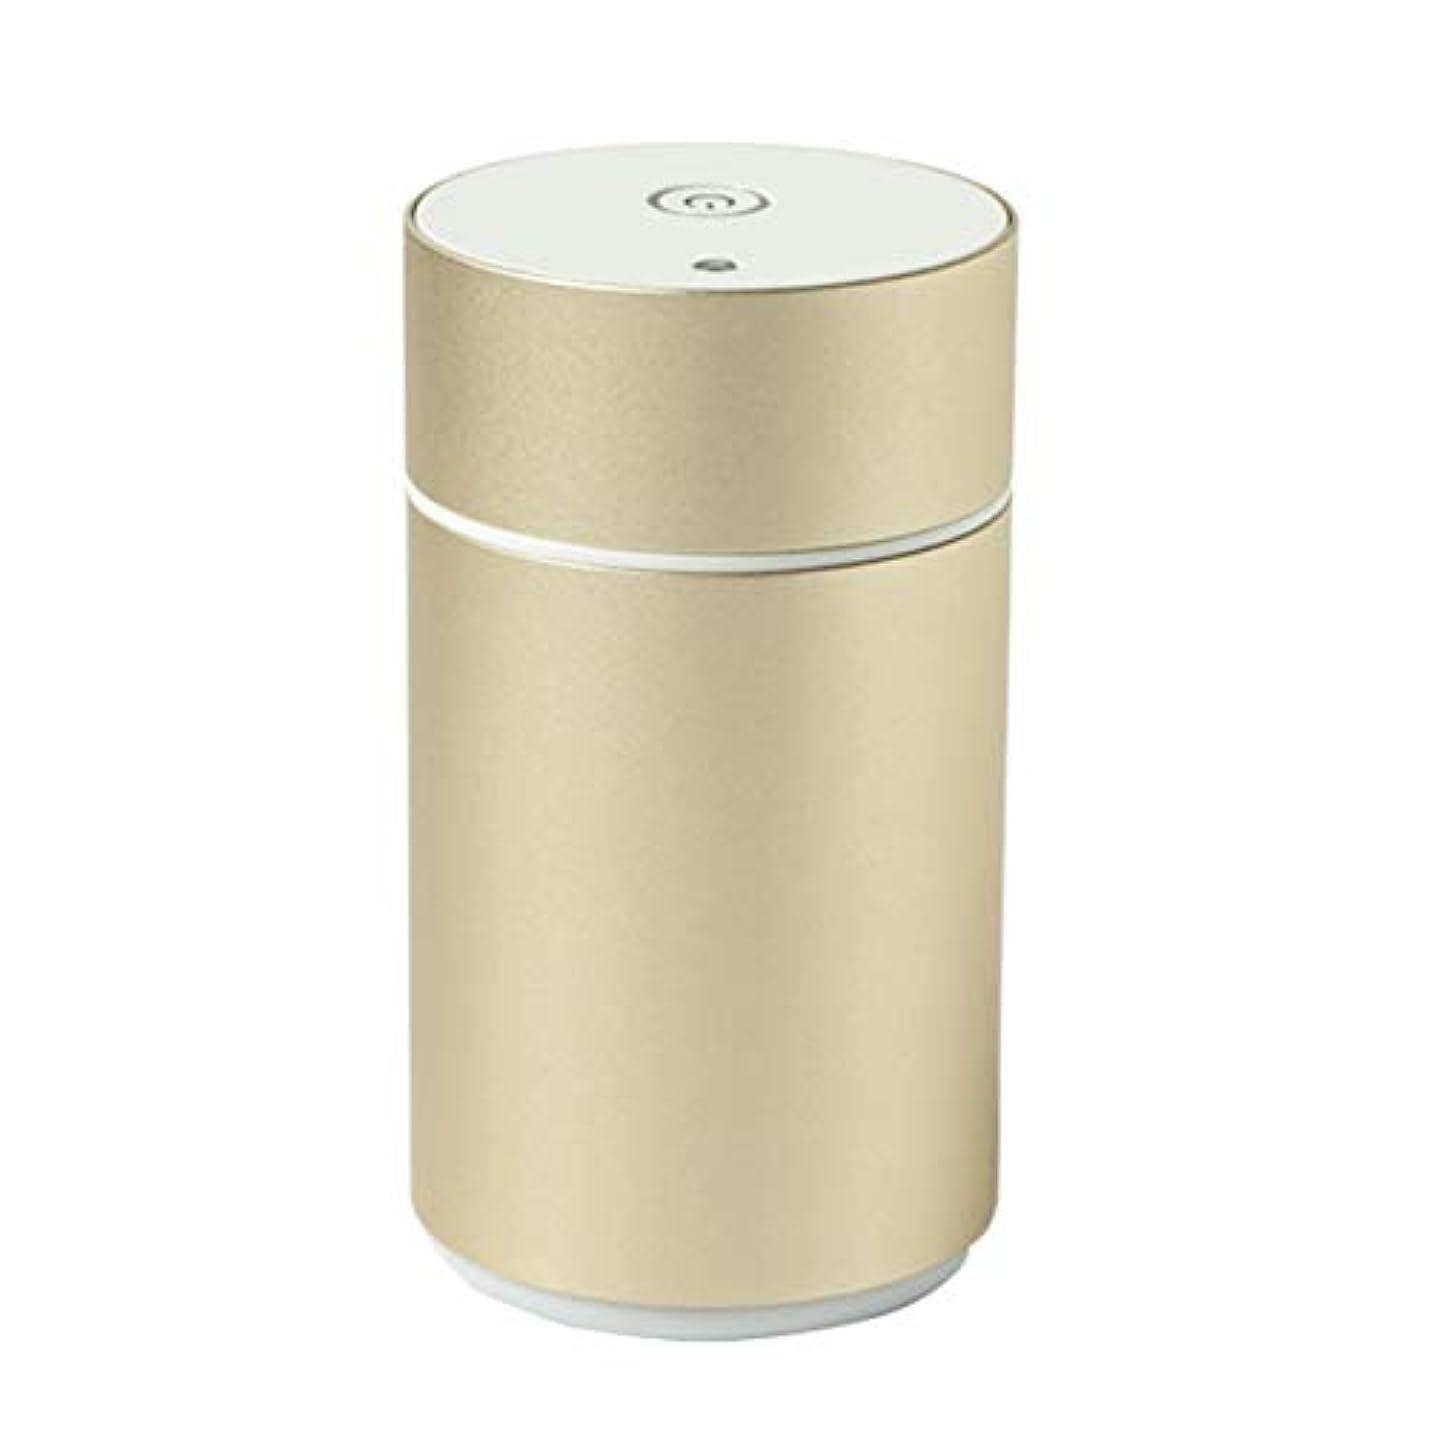 累積直面するスパイ生活の木 アロモア ミニ ゴールド (aromore mini gold) (エッセンシャルオイルディフューザー) (圧縮微粒子式アロマディフューザー)